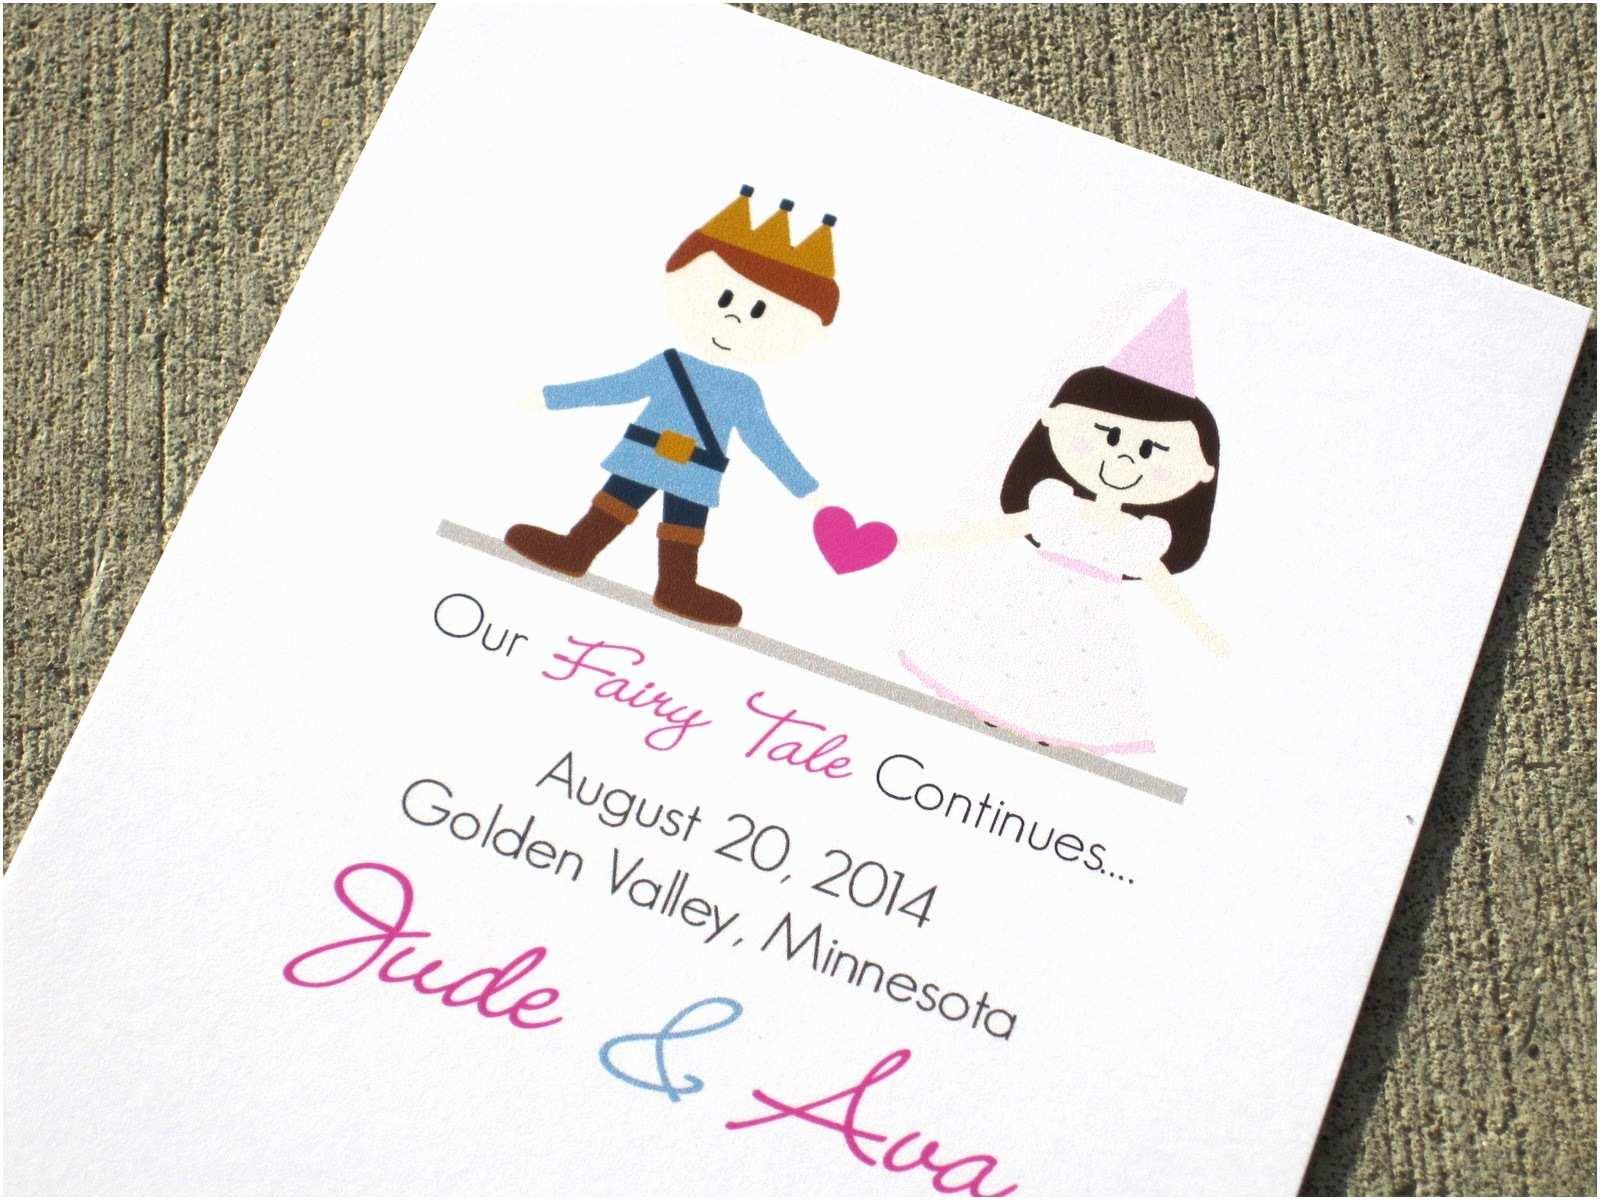 Wedding Invitation Card Ideas Cute Wedding Invitations – Gangcraft